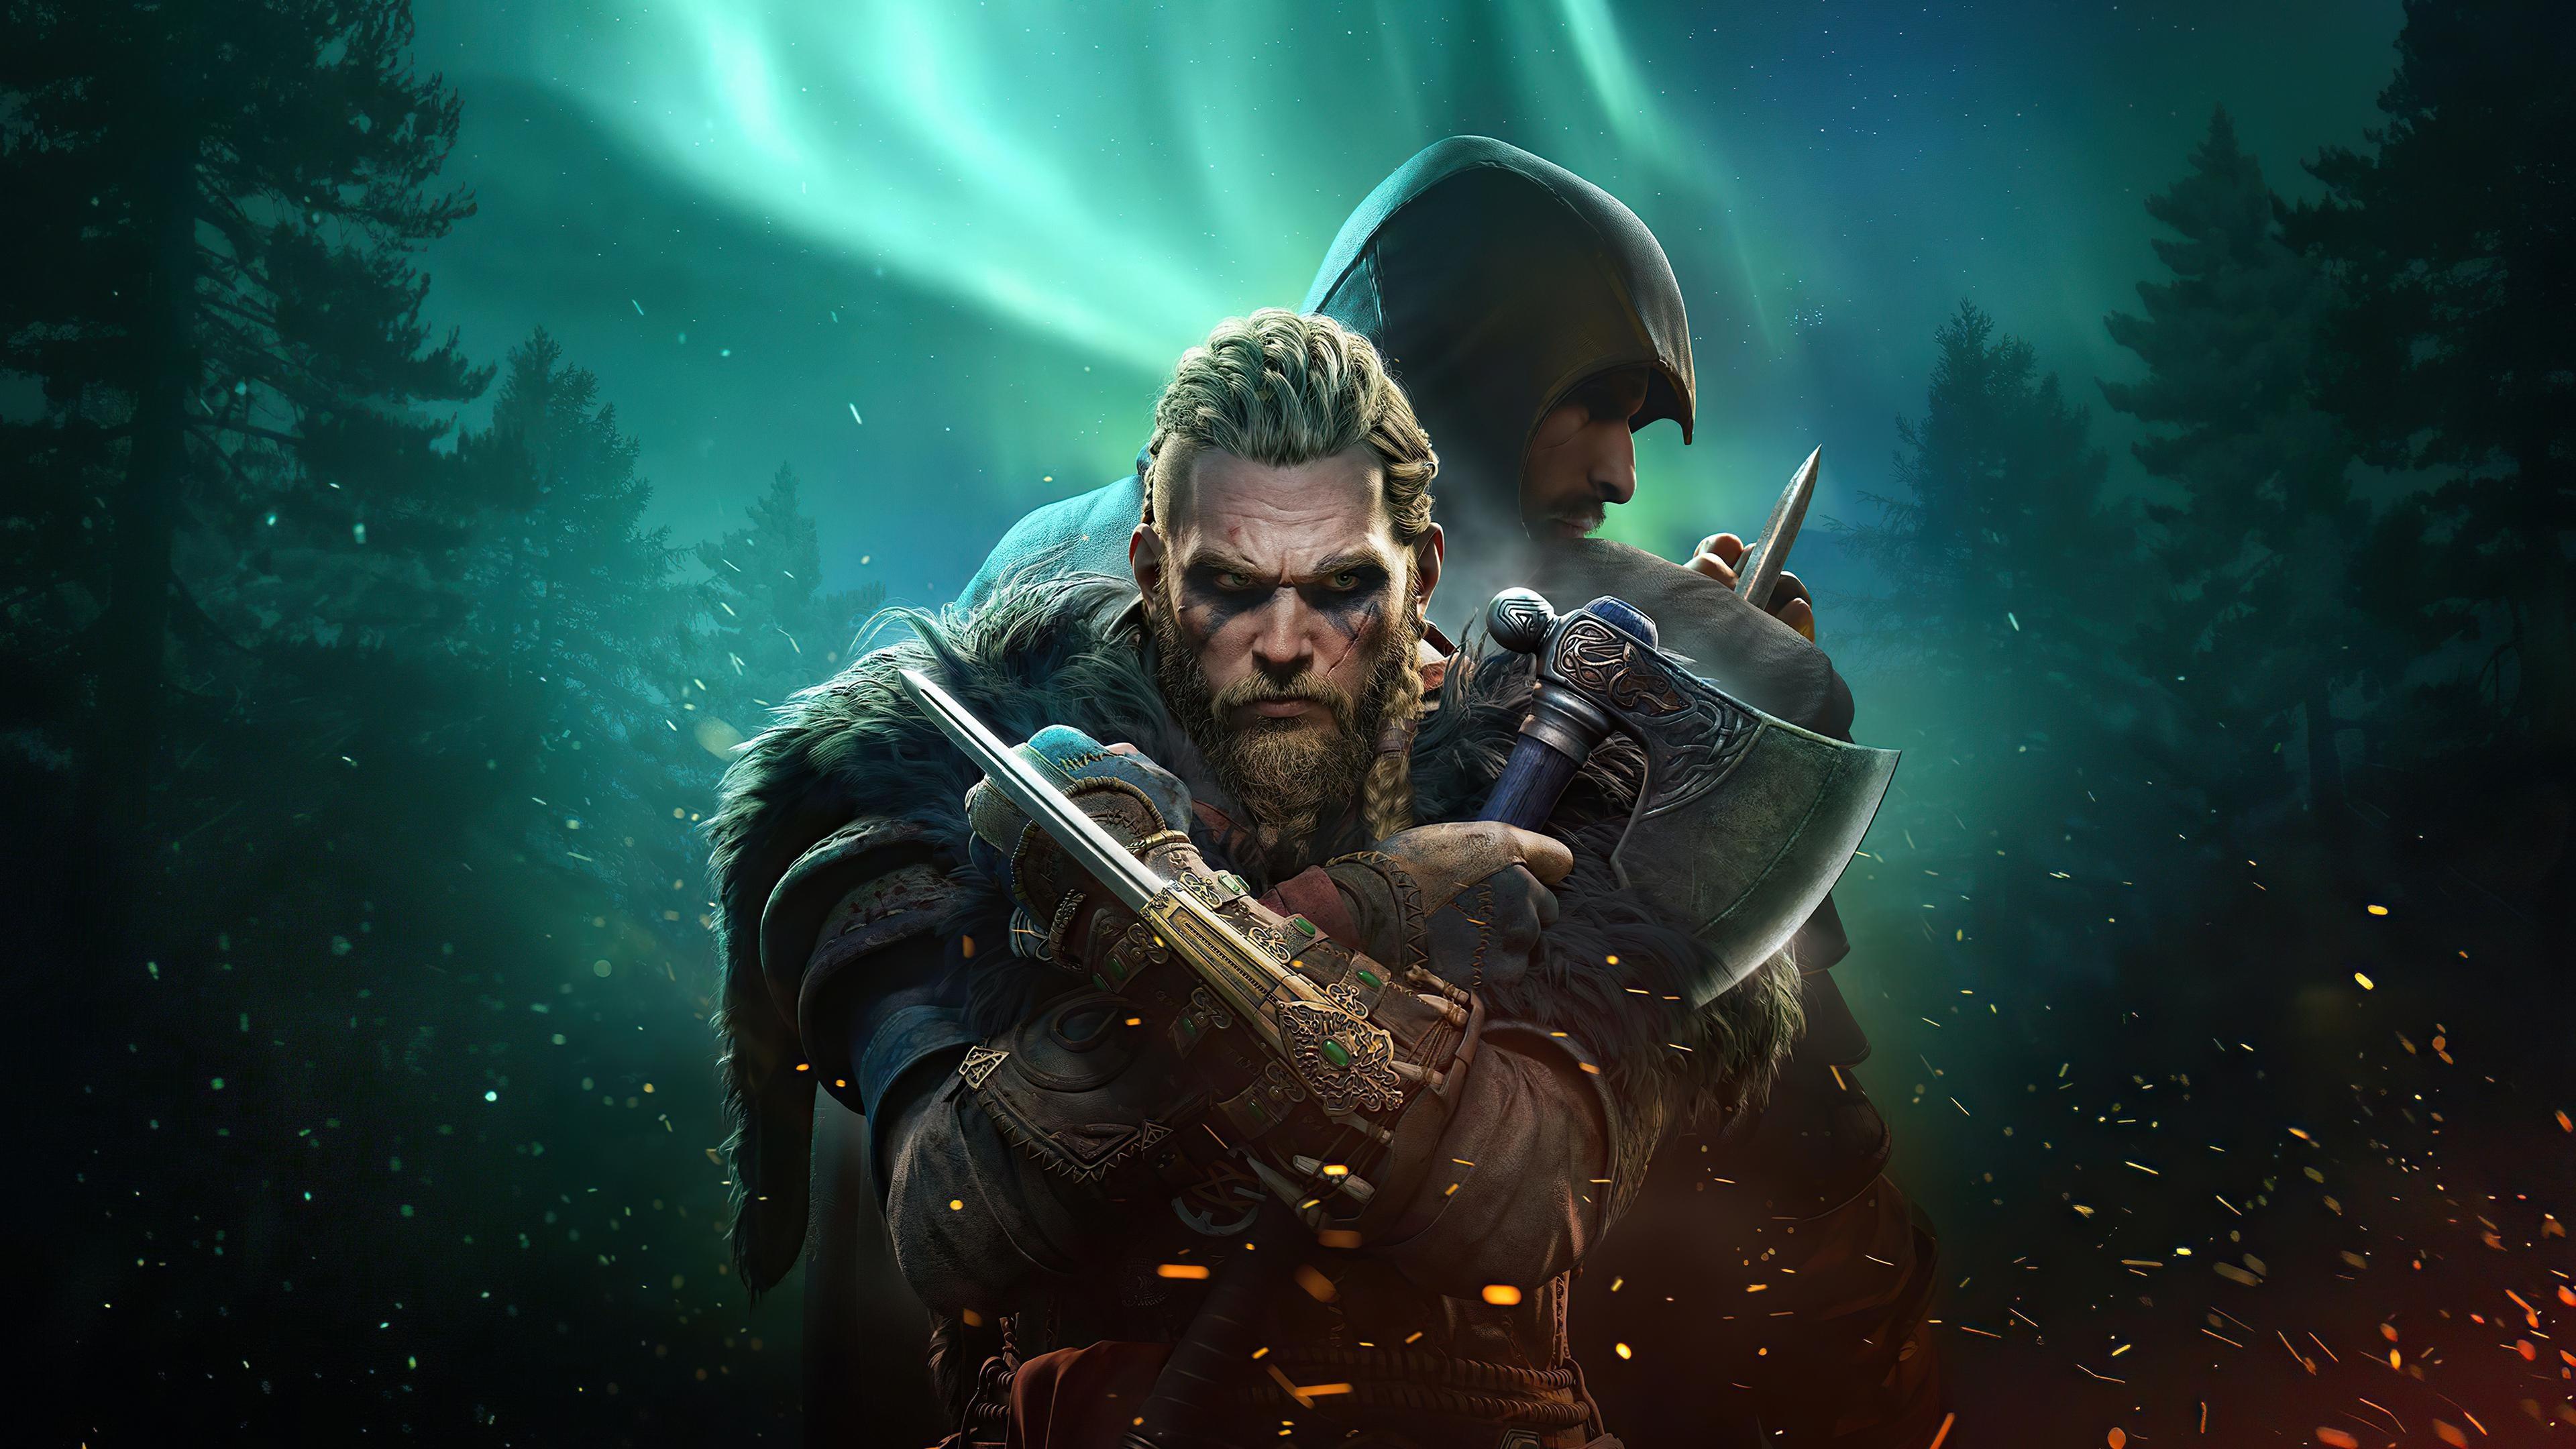 Wallpaper Ragnar Lothbrok from Assassins Creed